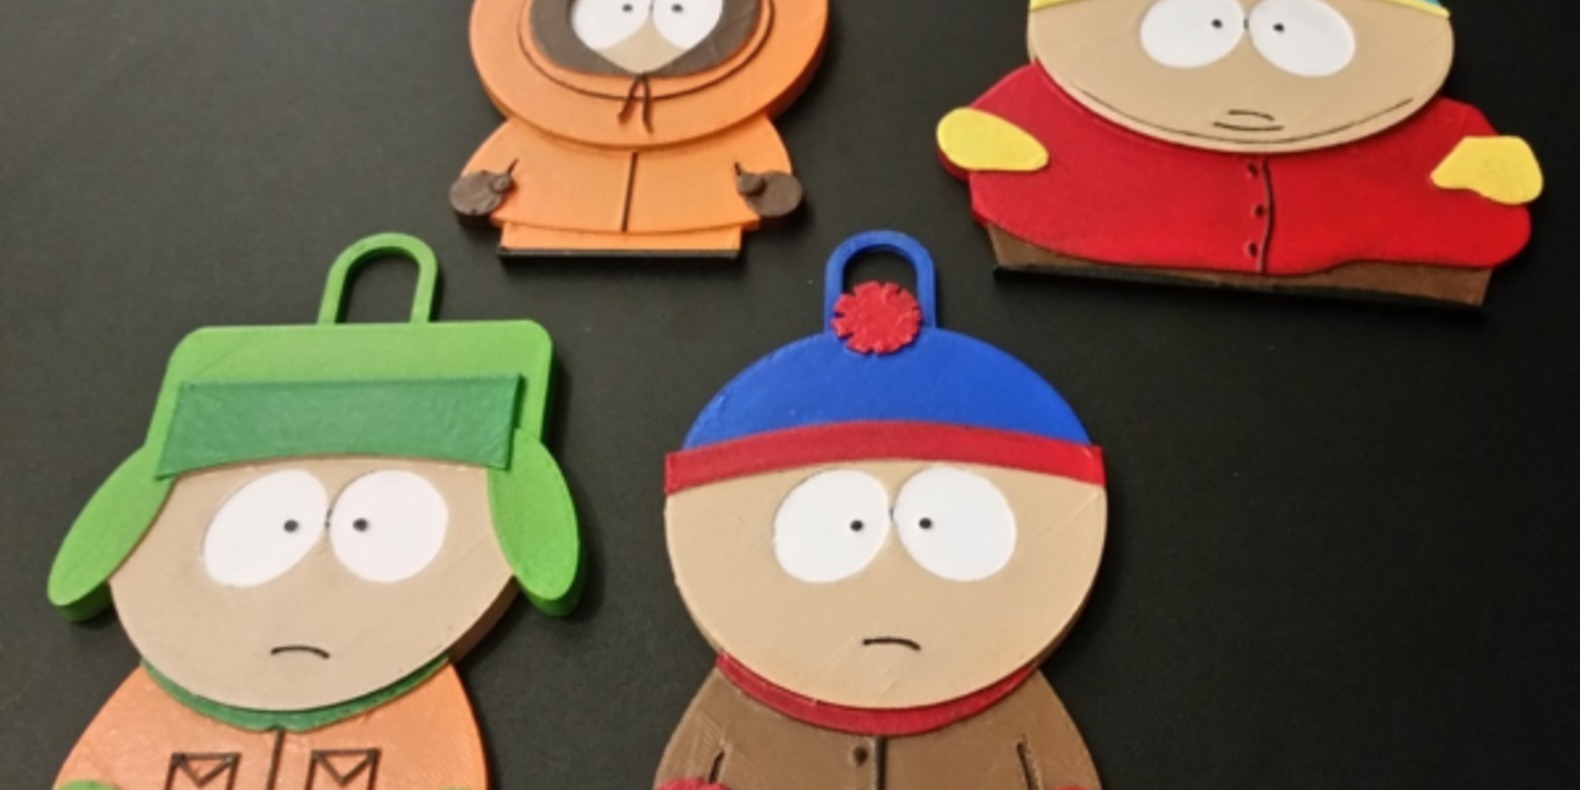 Les personnages de South Park à imprimer en 3D